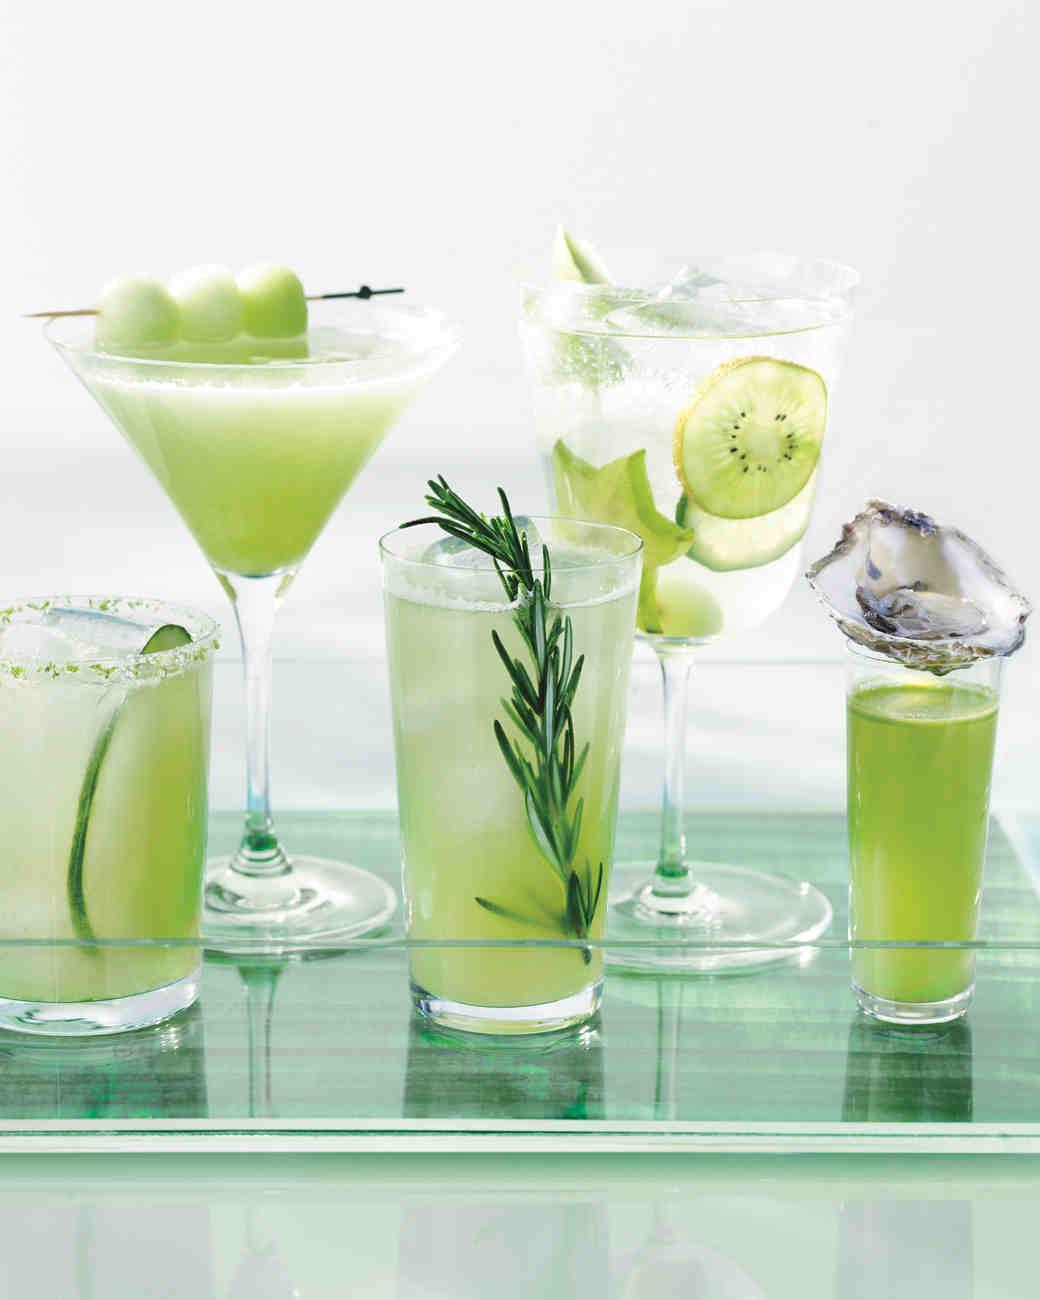 cocktails-b-243-md109950.jpg